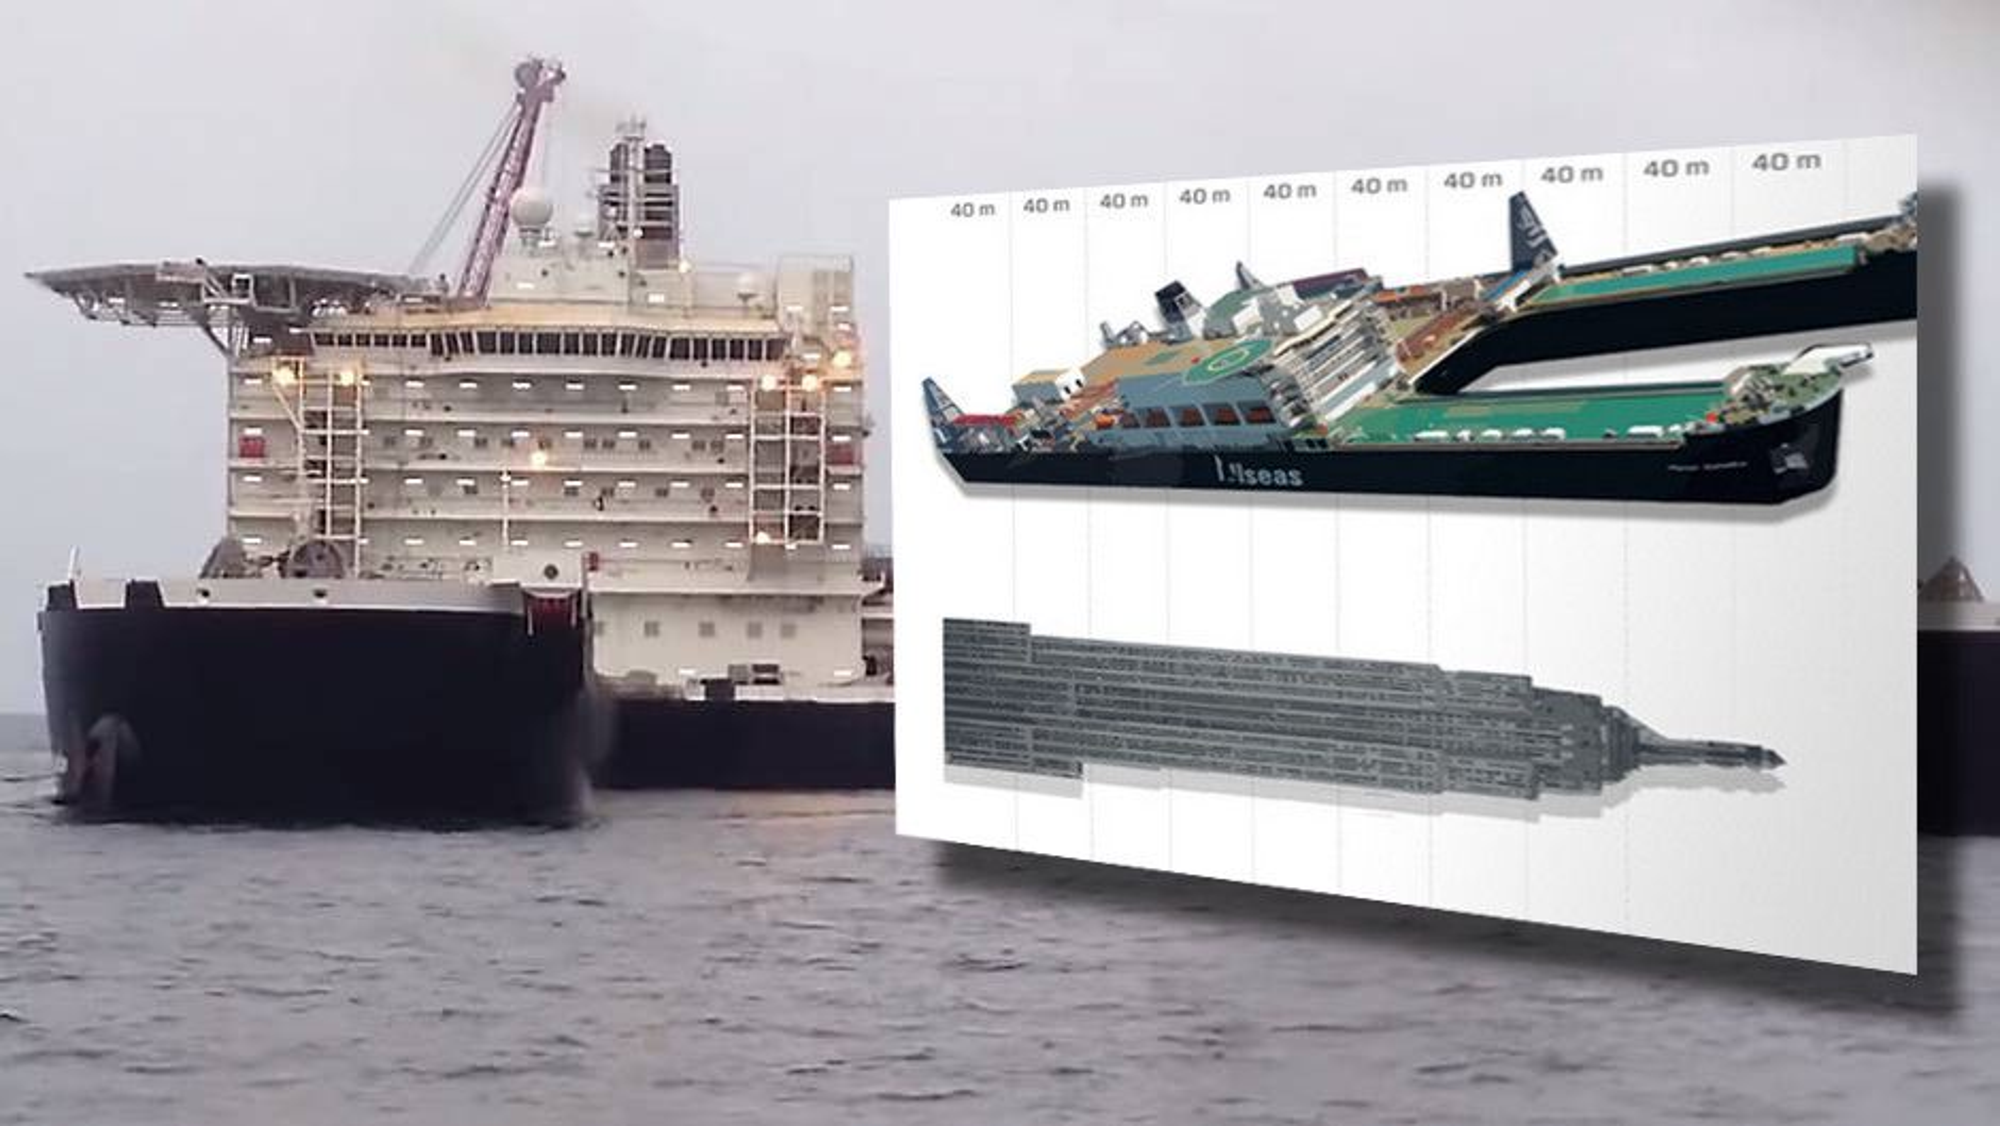 Pioneering Spirit - tidligere kjent som Pieter Schelte - skal løfte Sverdrup-dekkene i 2018 og 2019. Innfelt er skipets størrelse sammenlignet med Empire State Building.